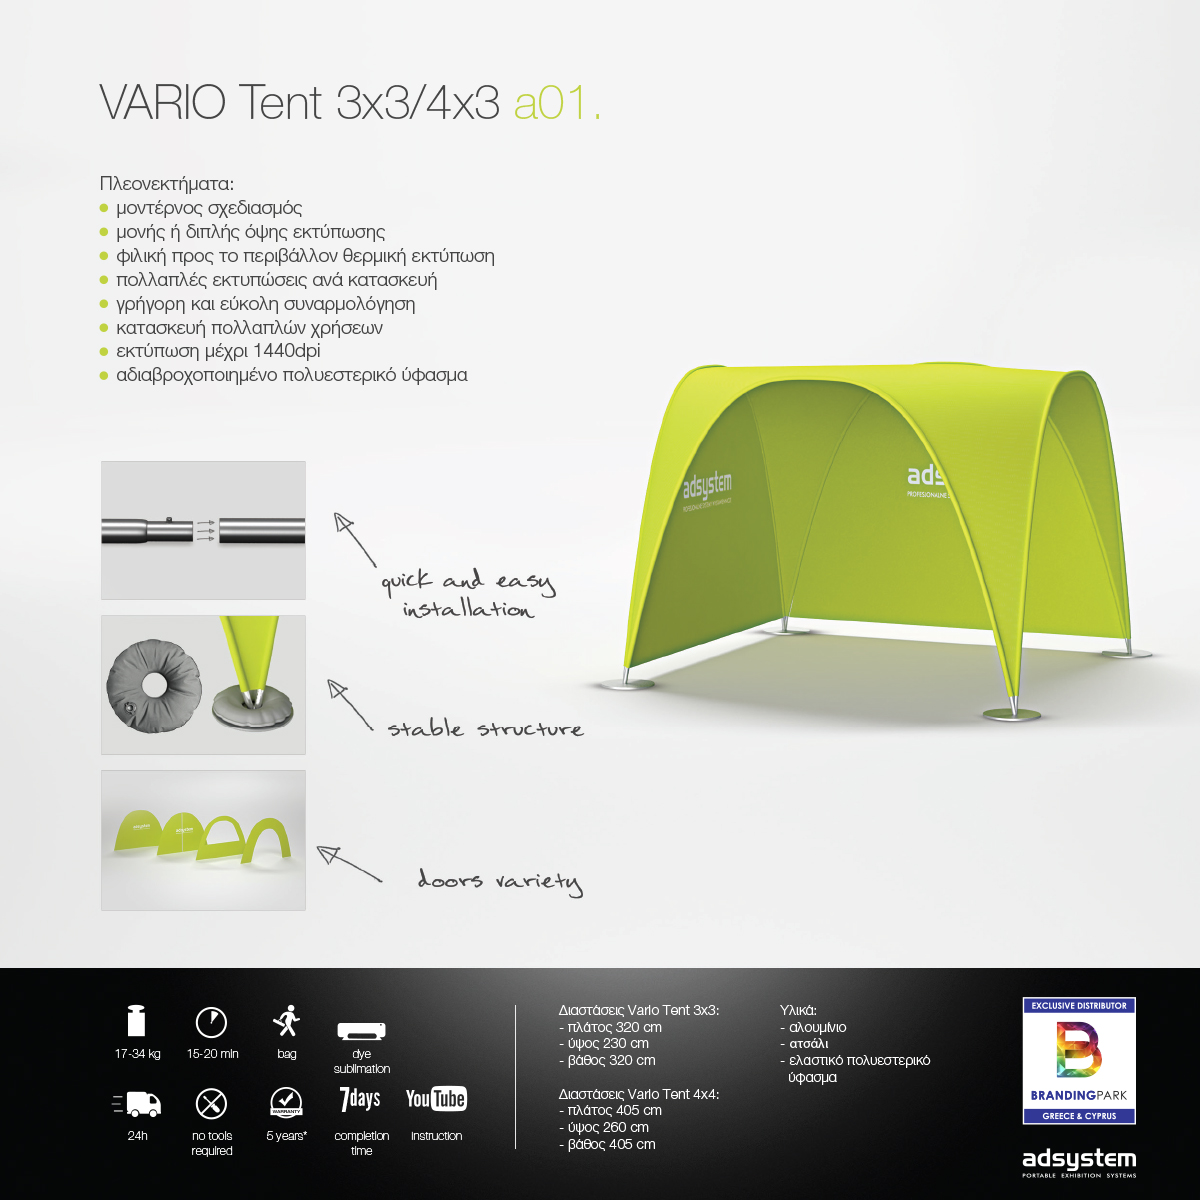 Υφασμάτινη Τέντα VARIO Tent 3x3/4x3 a01.